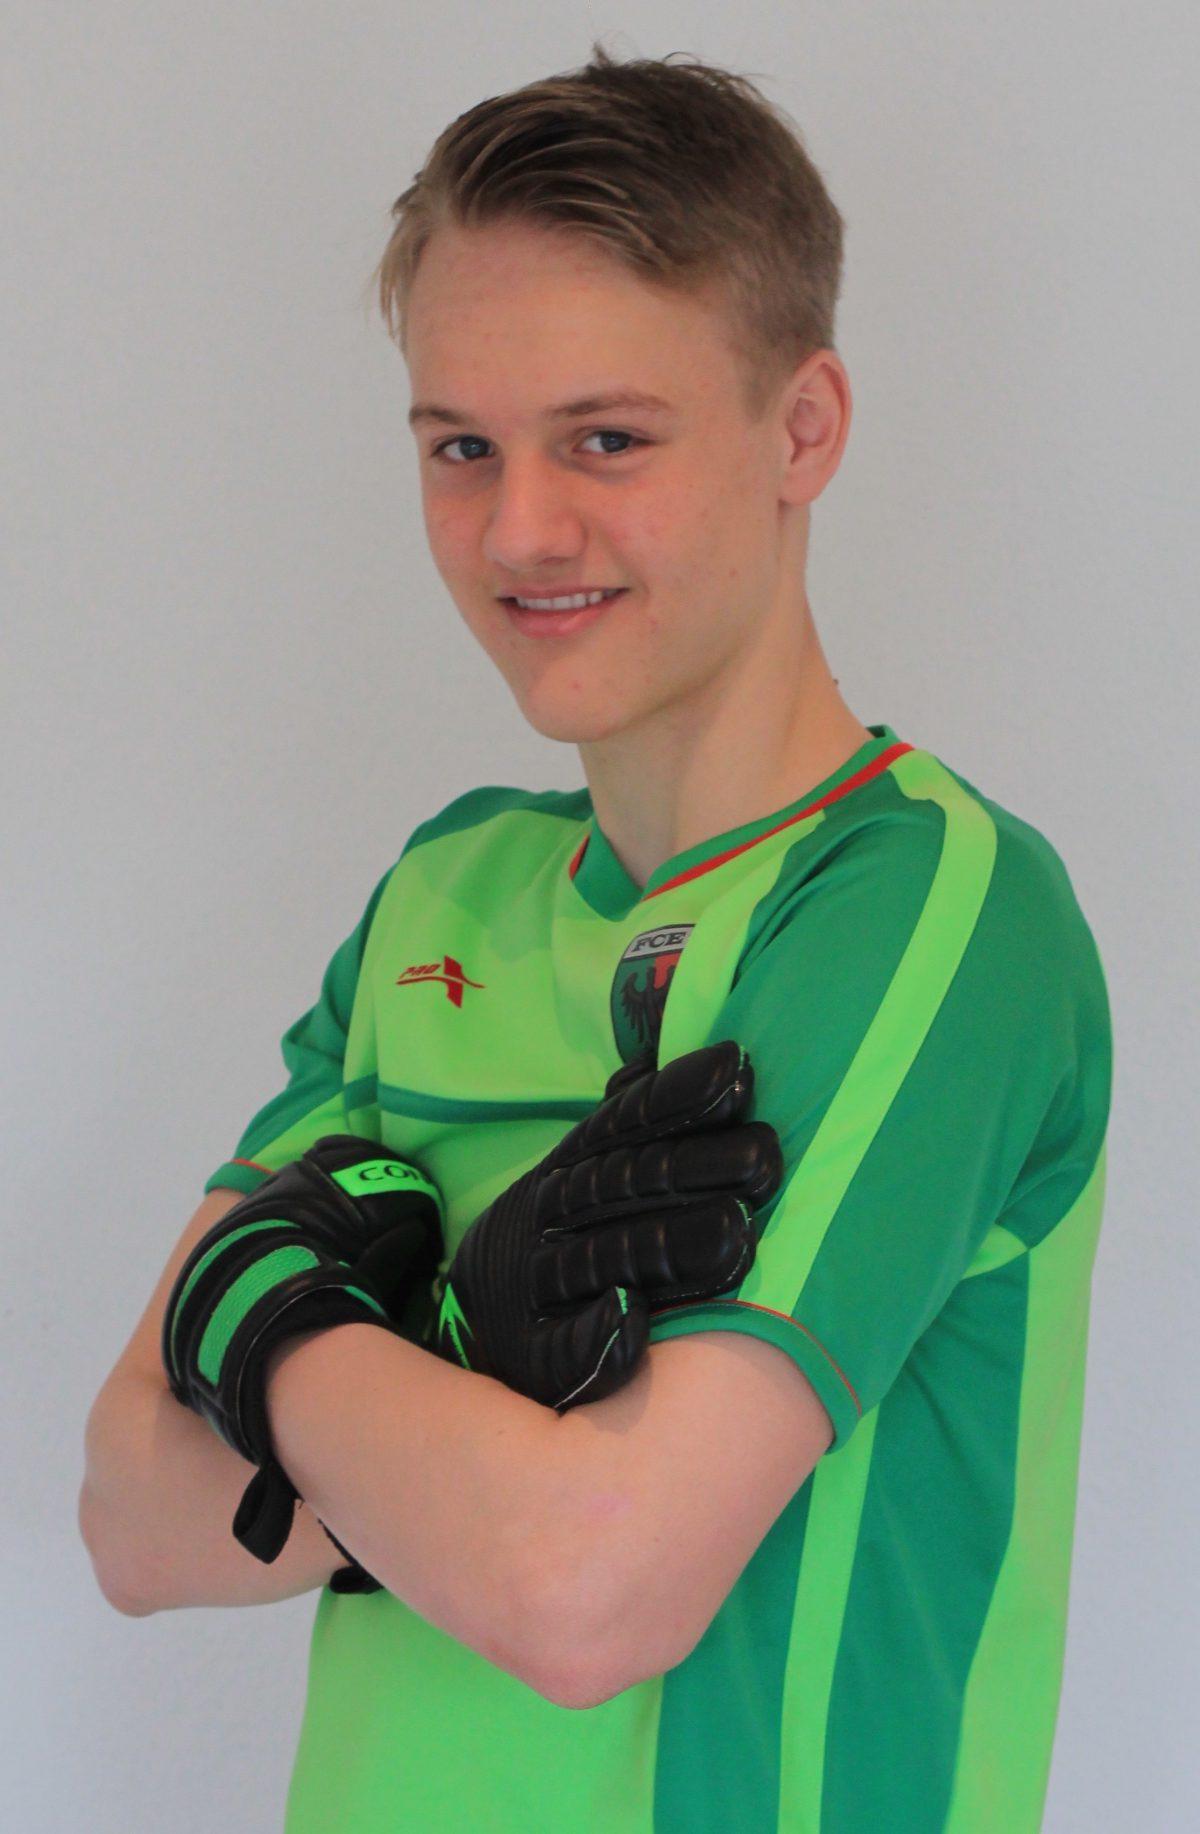 Foto Torspieler Theo (Theo Saubert) im Trikot des FC Esslingen (Quelle: torspielertraining.de)